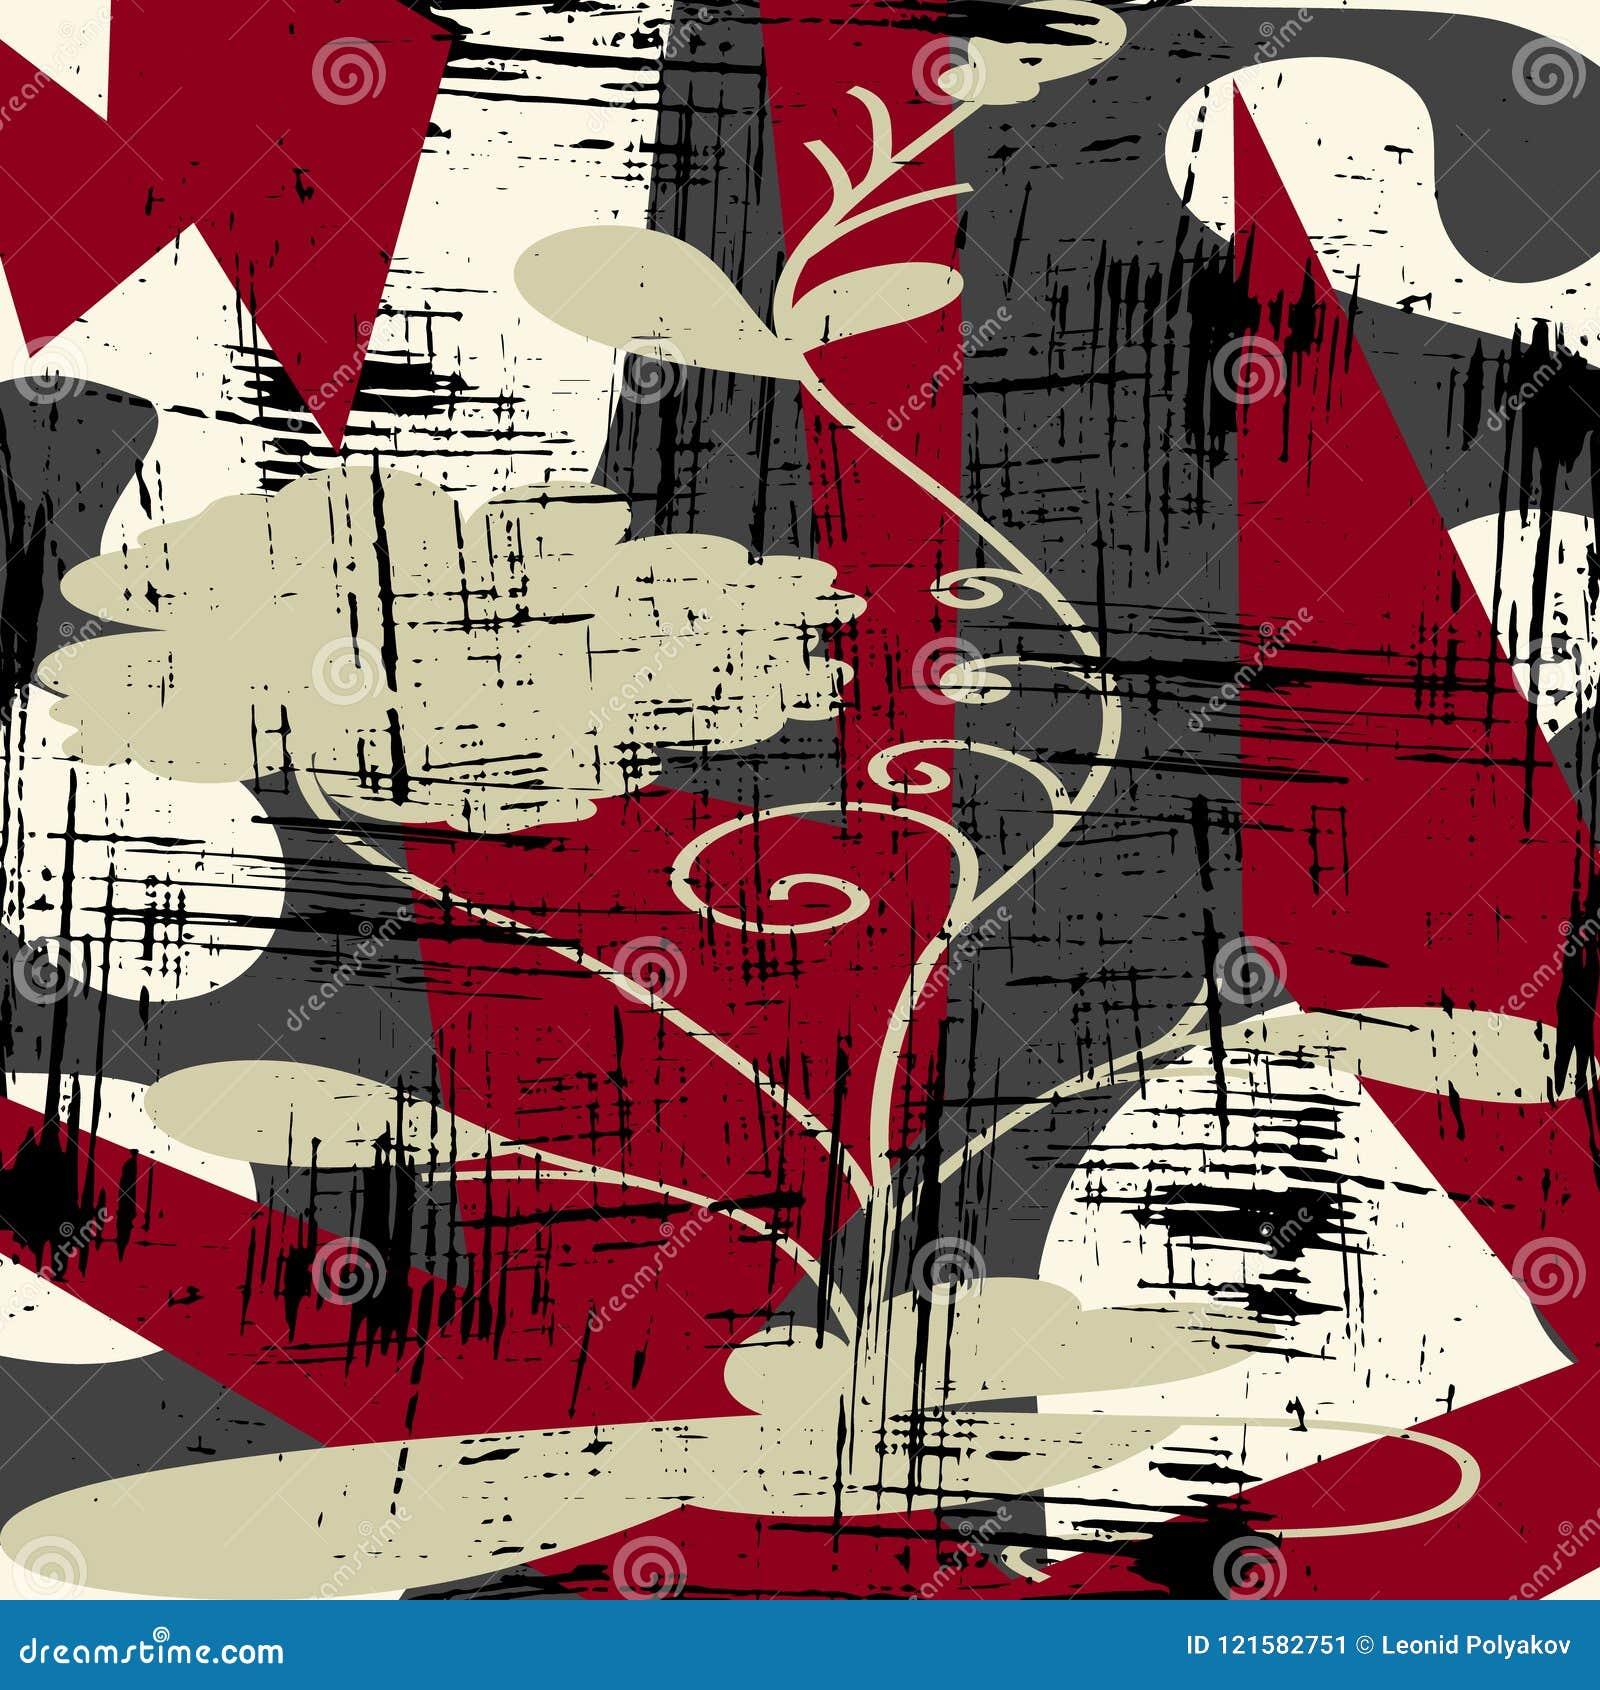 Abstract kleurenpatroon in de kwaliteits vectorillustratie van de graffitistijl voor uw ontwerp